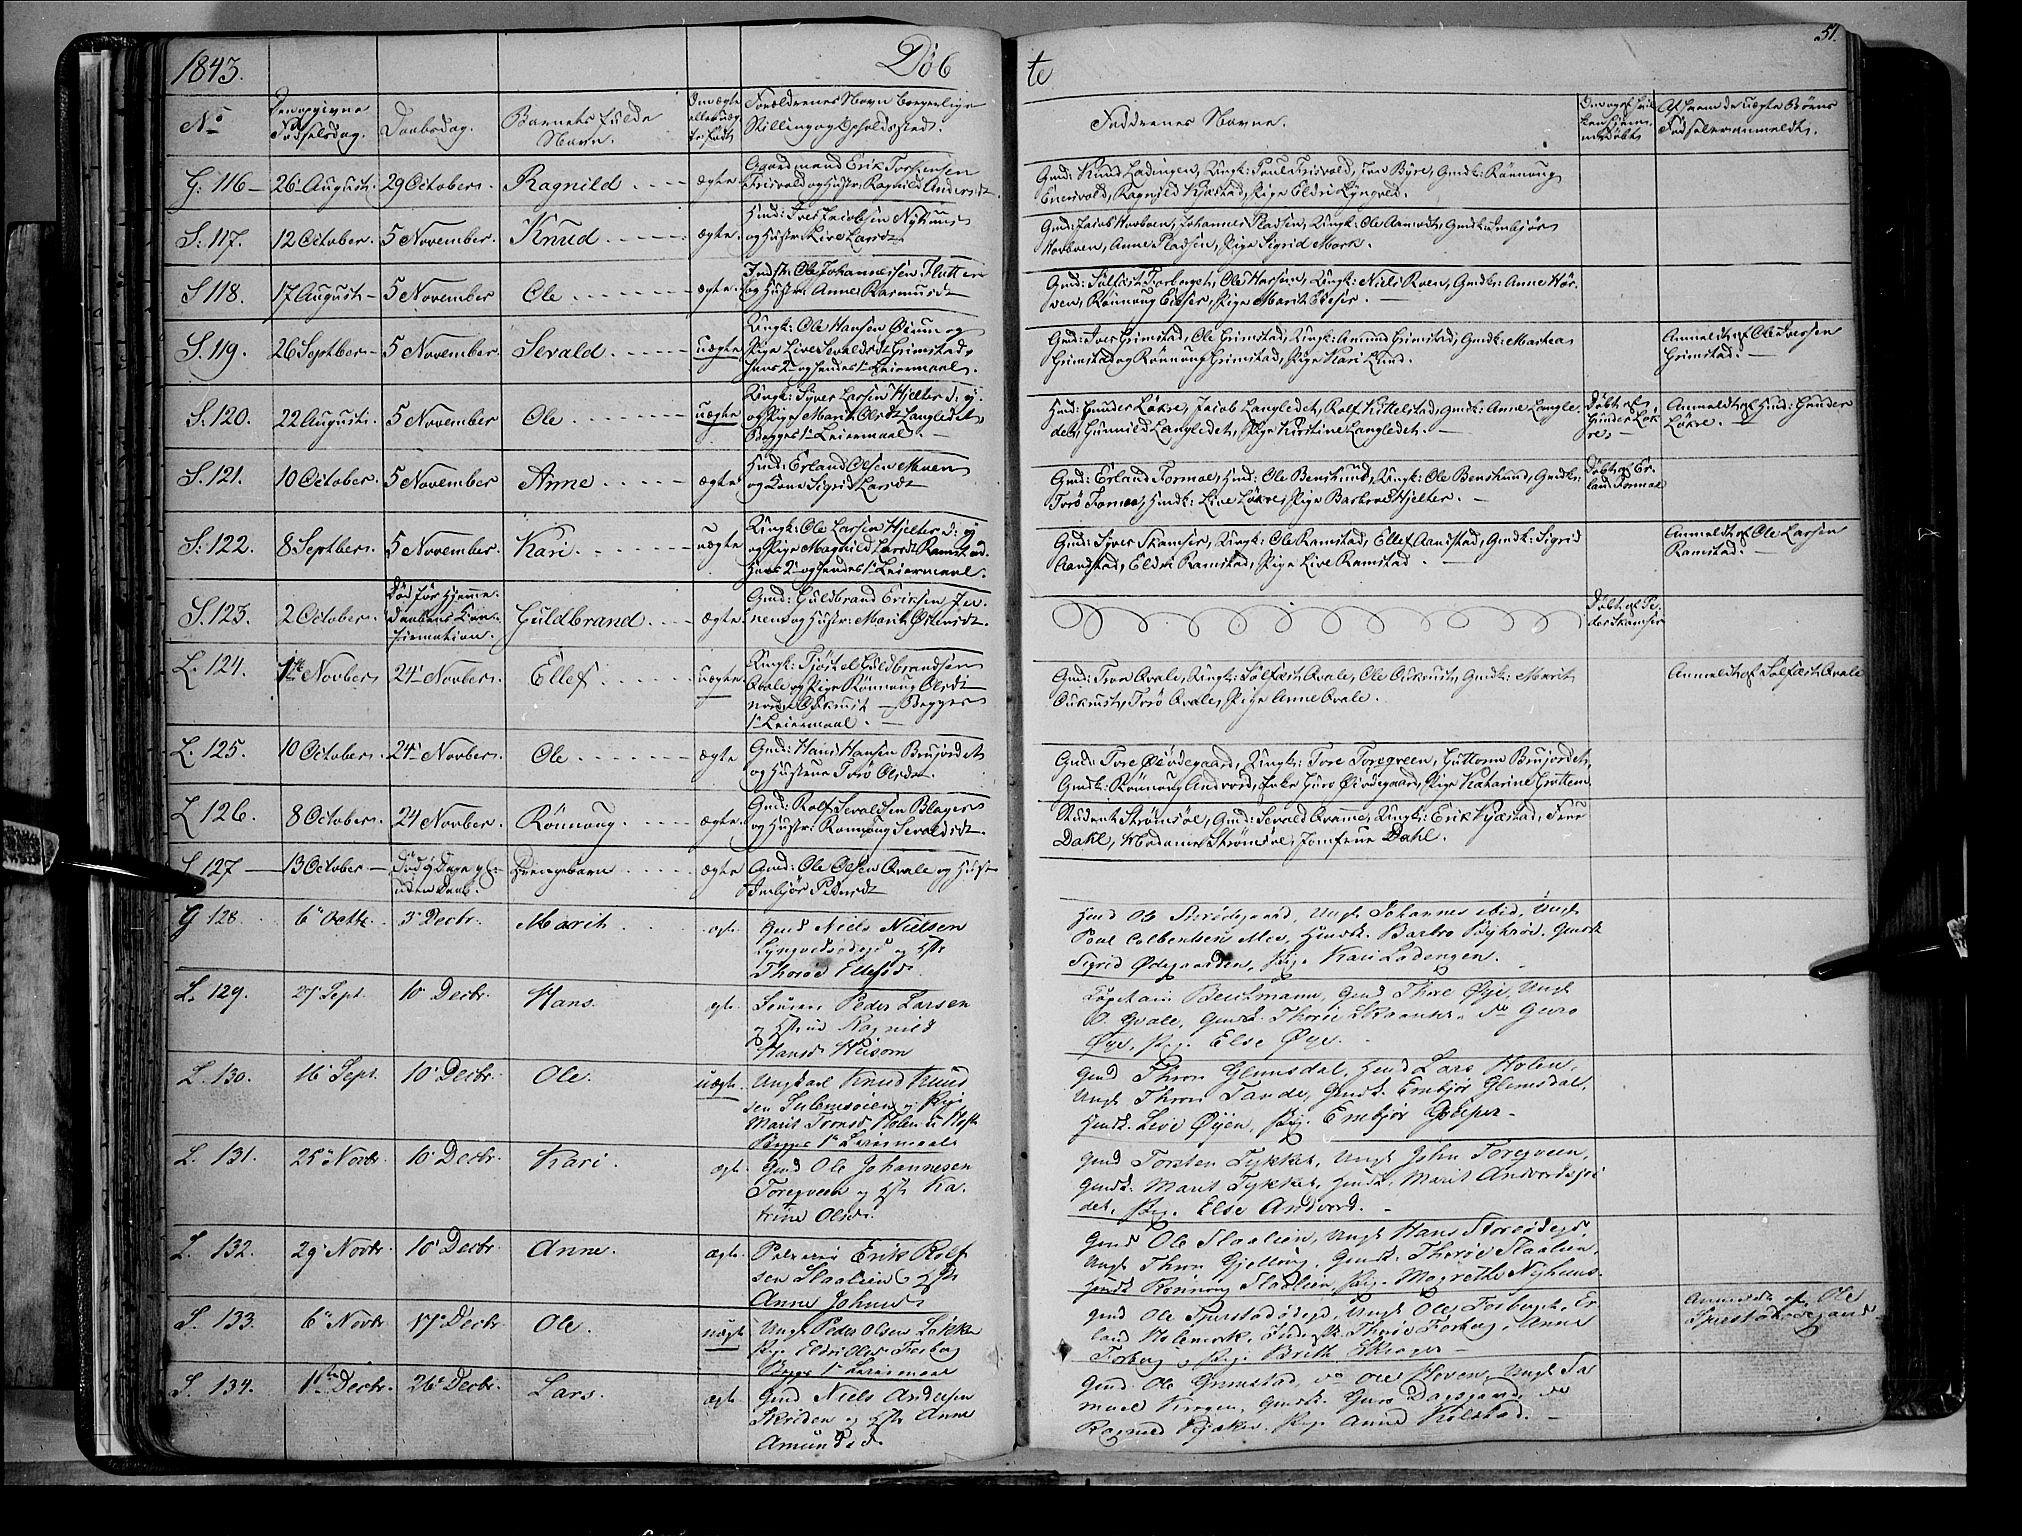 SAH, Lom prestekontor, K/L0006: Ministerialbok nr. 6A, 1837-1863, s. 51